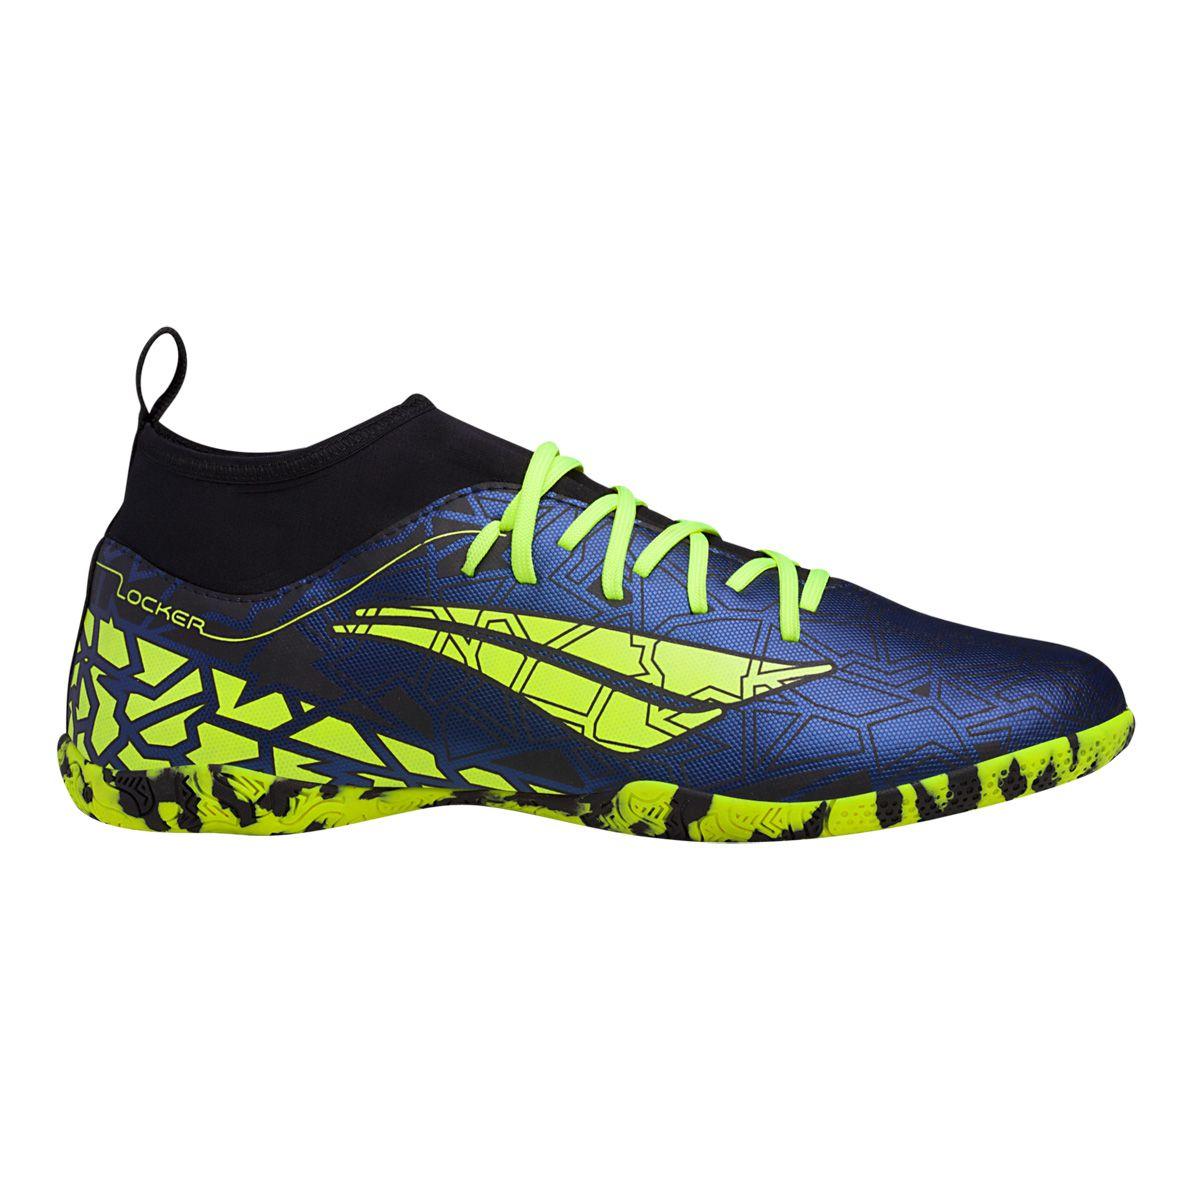 Calçado Indoor Penalty Futsal RX Locker VII - 124125-6987